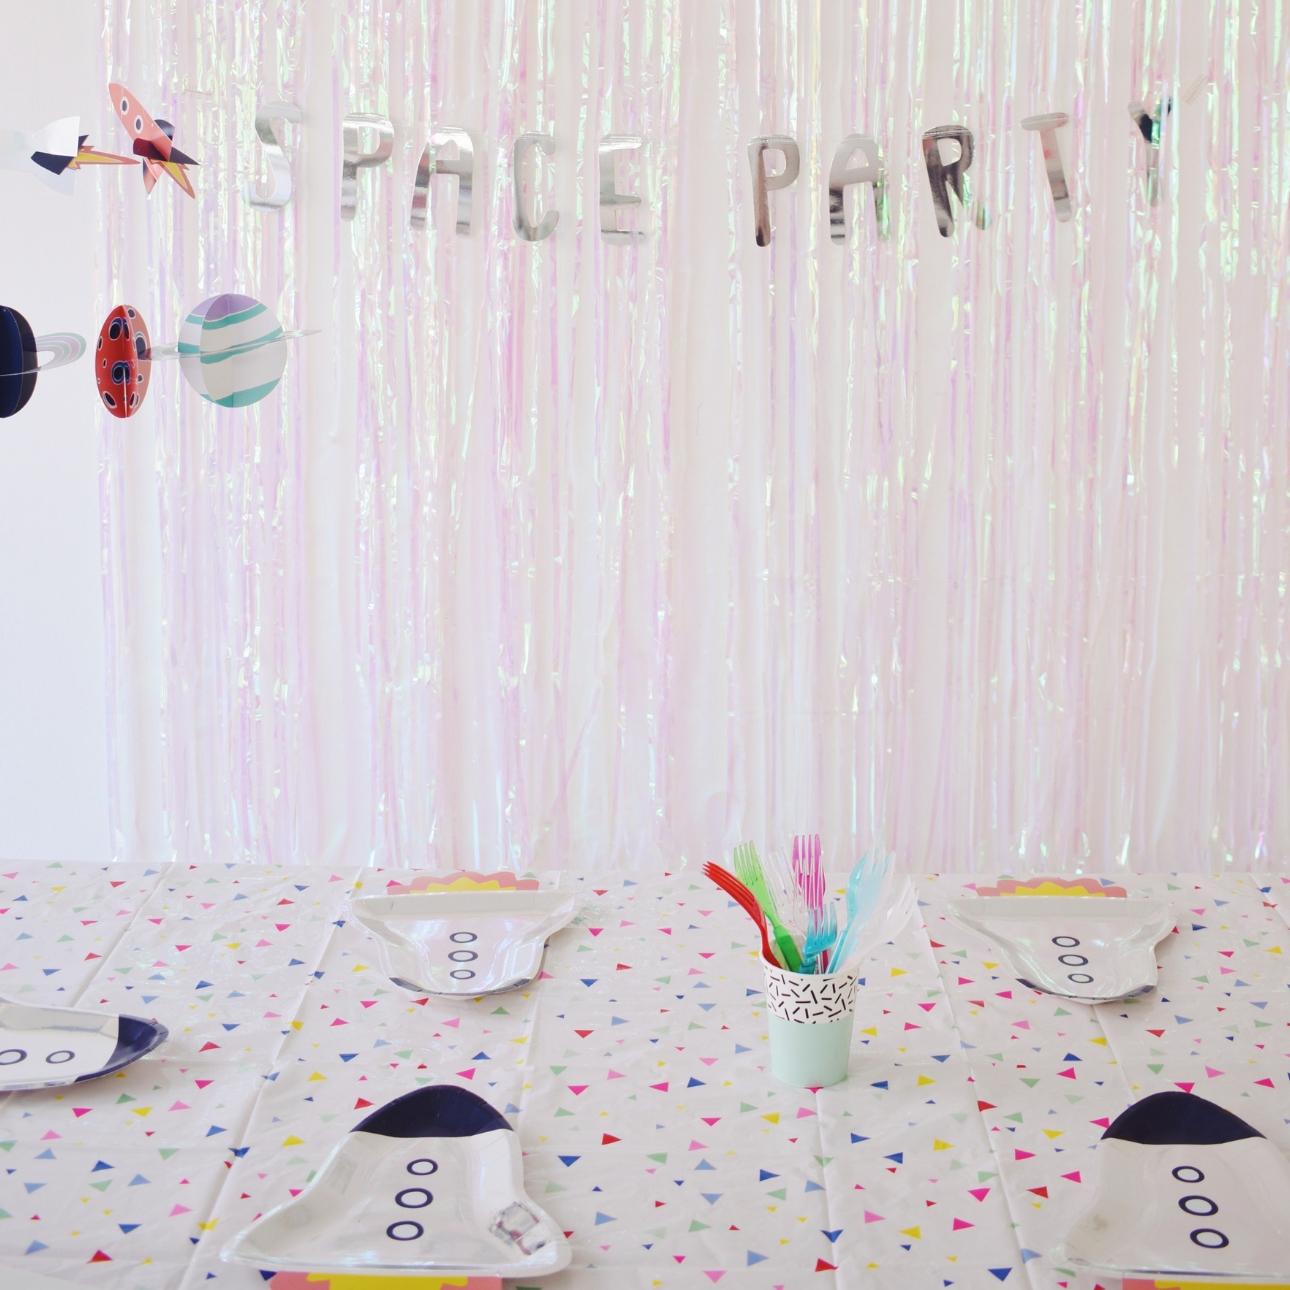 space party kinderfeestje avondeten